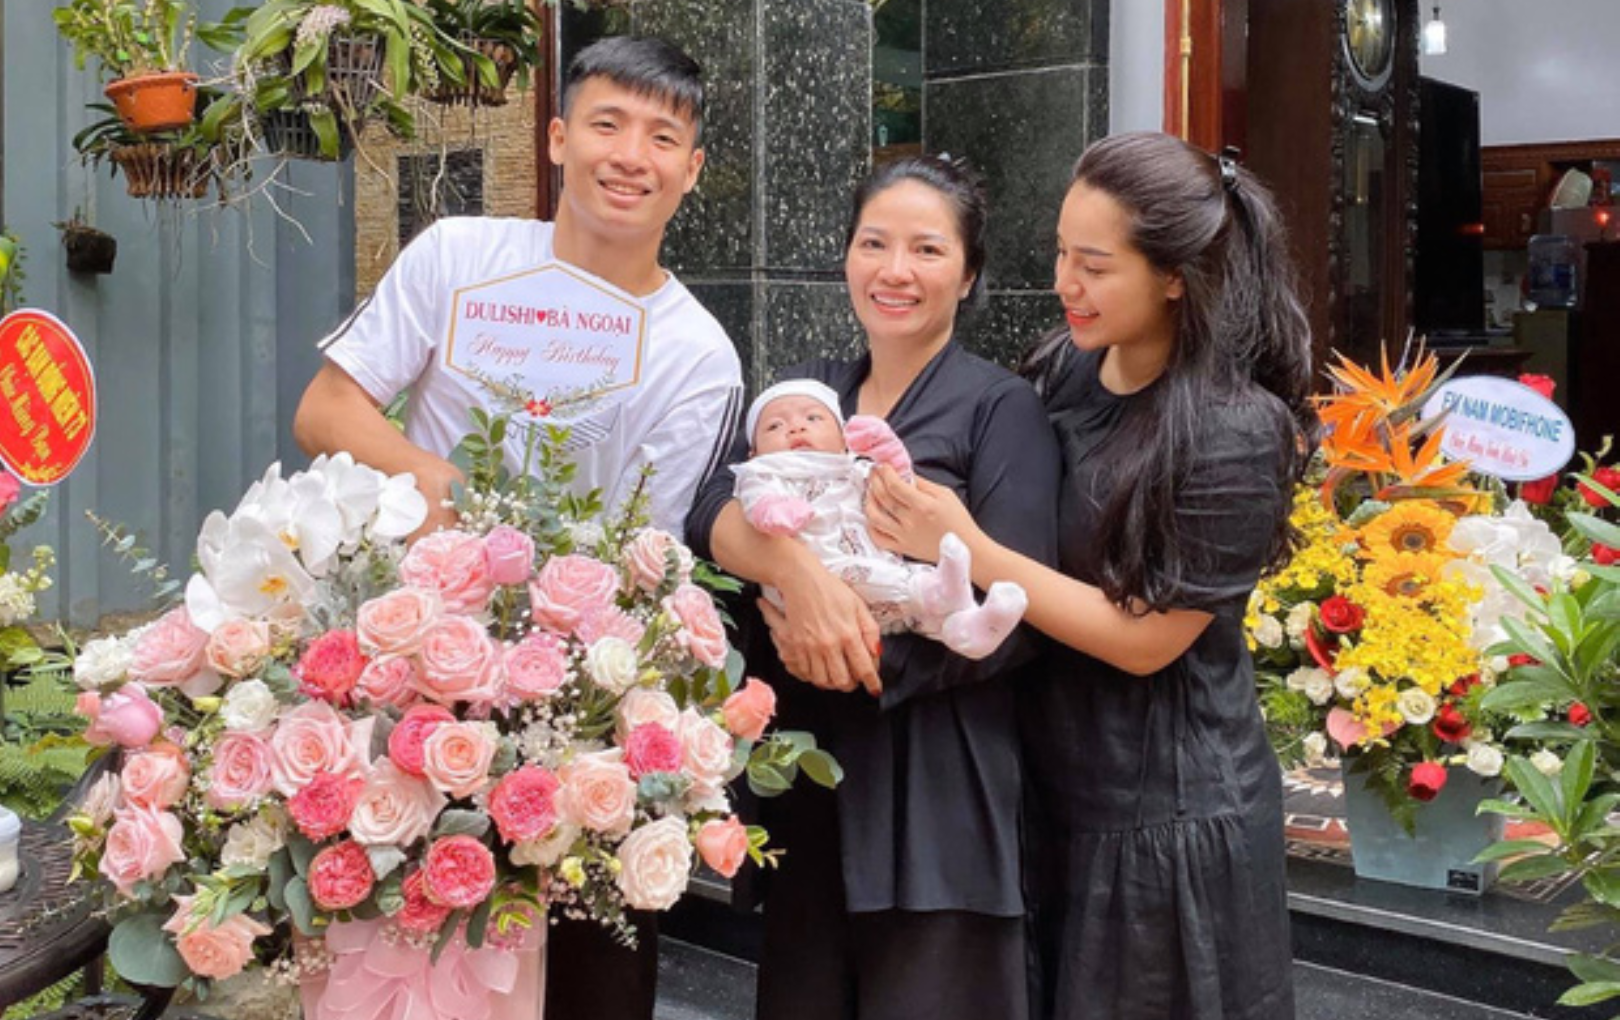 """Bùi Tiến Dũng đích thị là """"rể nhà người ta"""": Đến tận nhà tặng hoa, chúc mừng sinh nhật mẹ vợ cực tình cảm"""